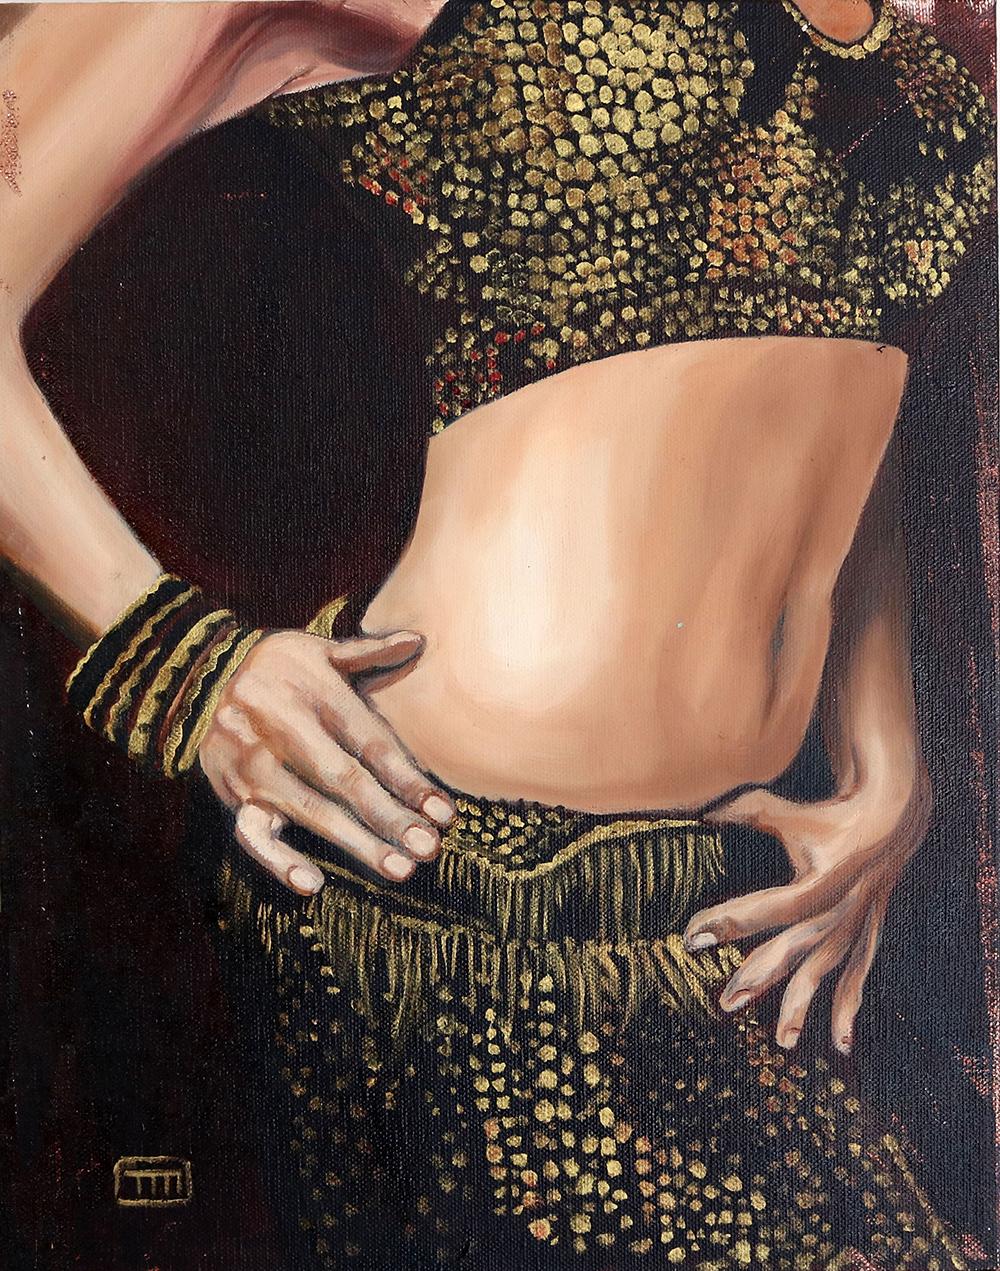 20496926-Machmali, Belly Dancer, oil on canvas, 11x14, 2006, 400.jpg